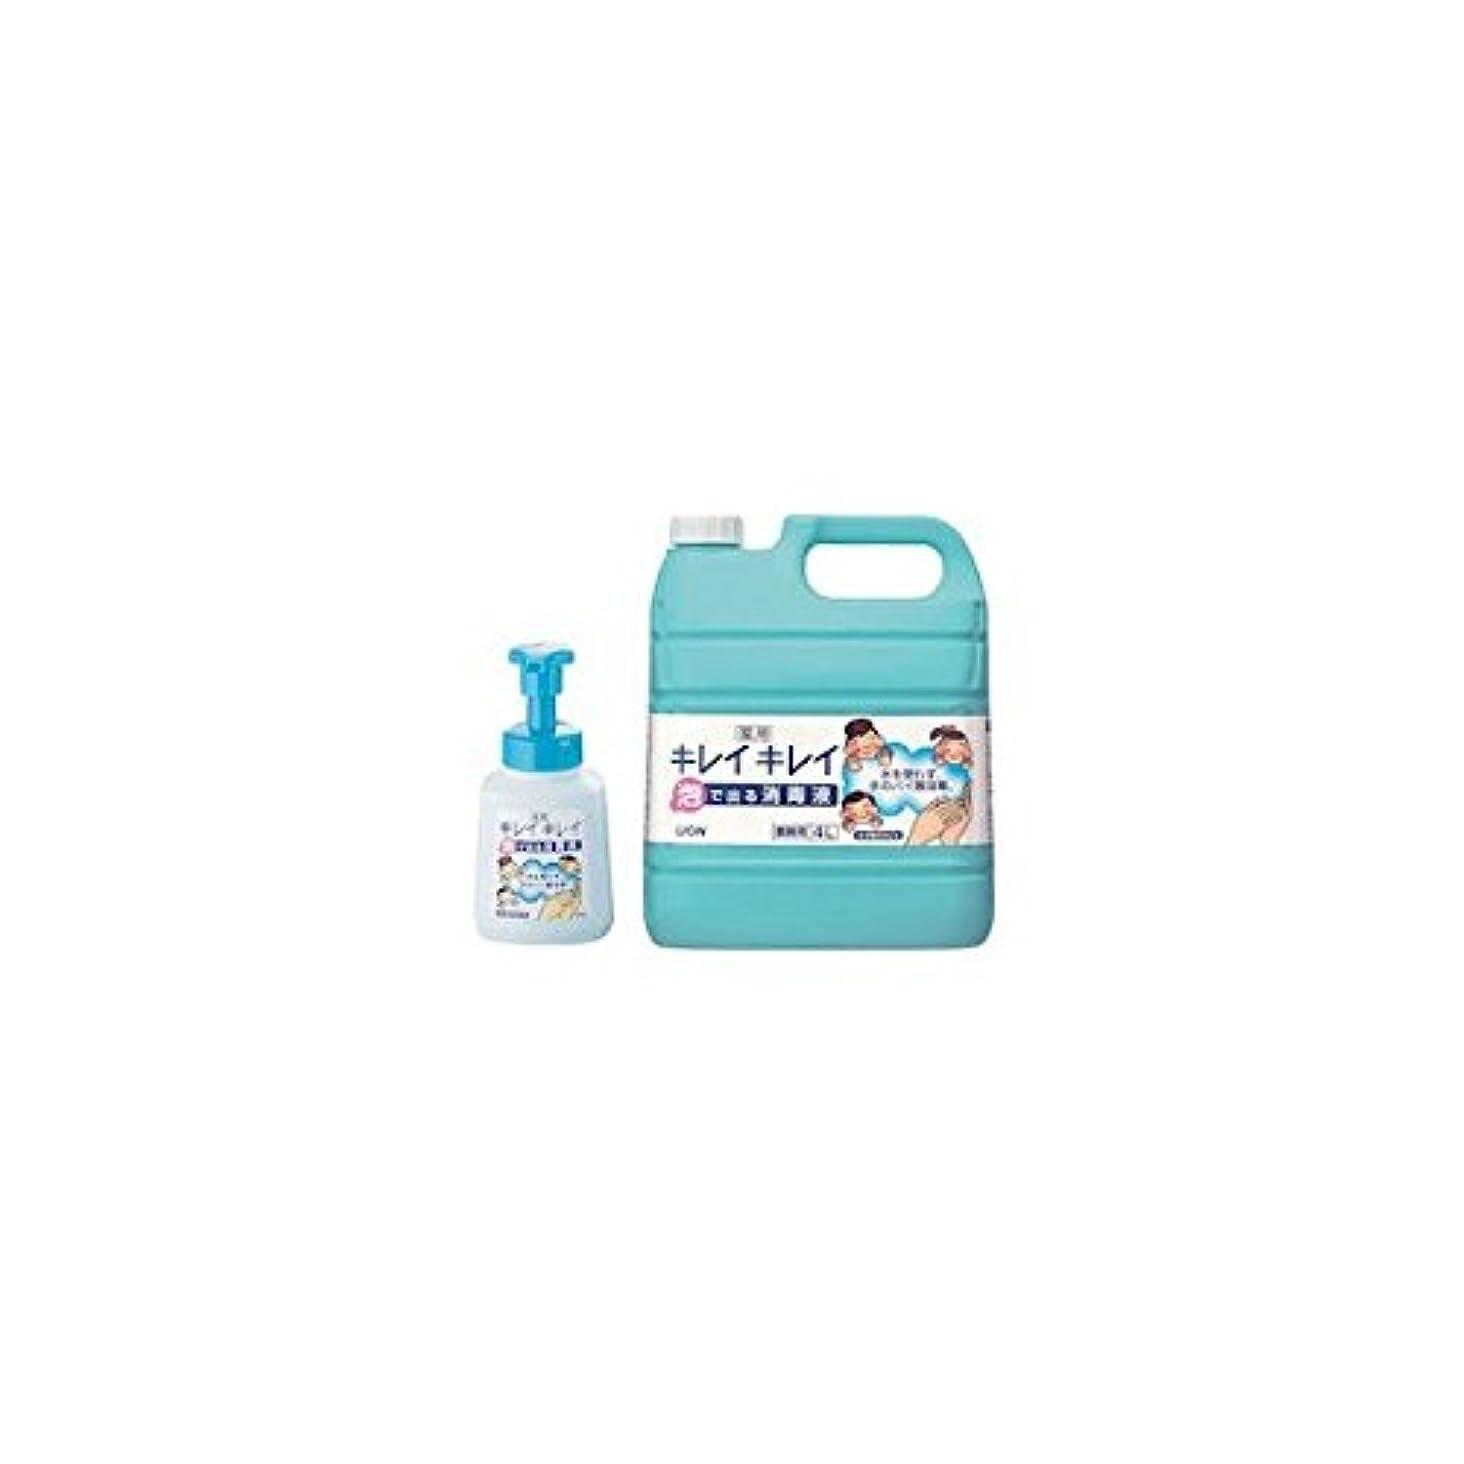 毛皮枠不健全ライオン キレイキレイ泡で出る消毒液 4L(専用ポンプ付) 【品番】JHV2901